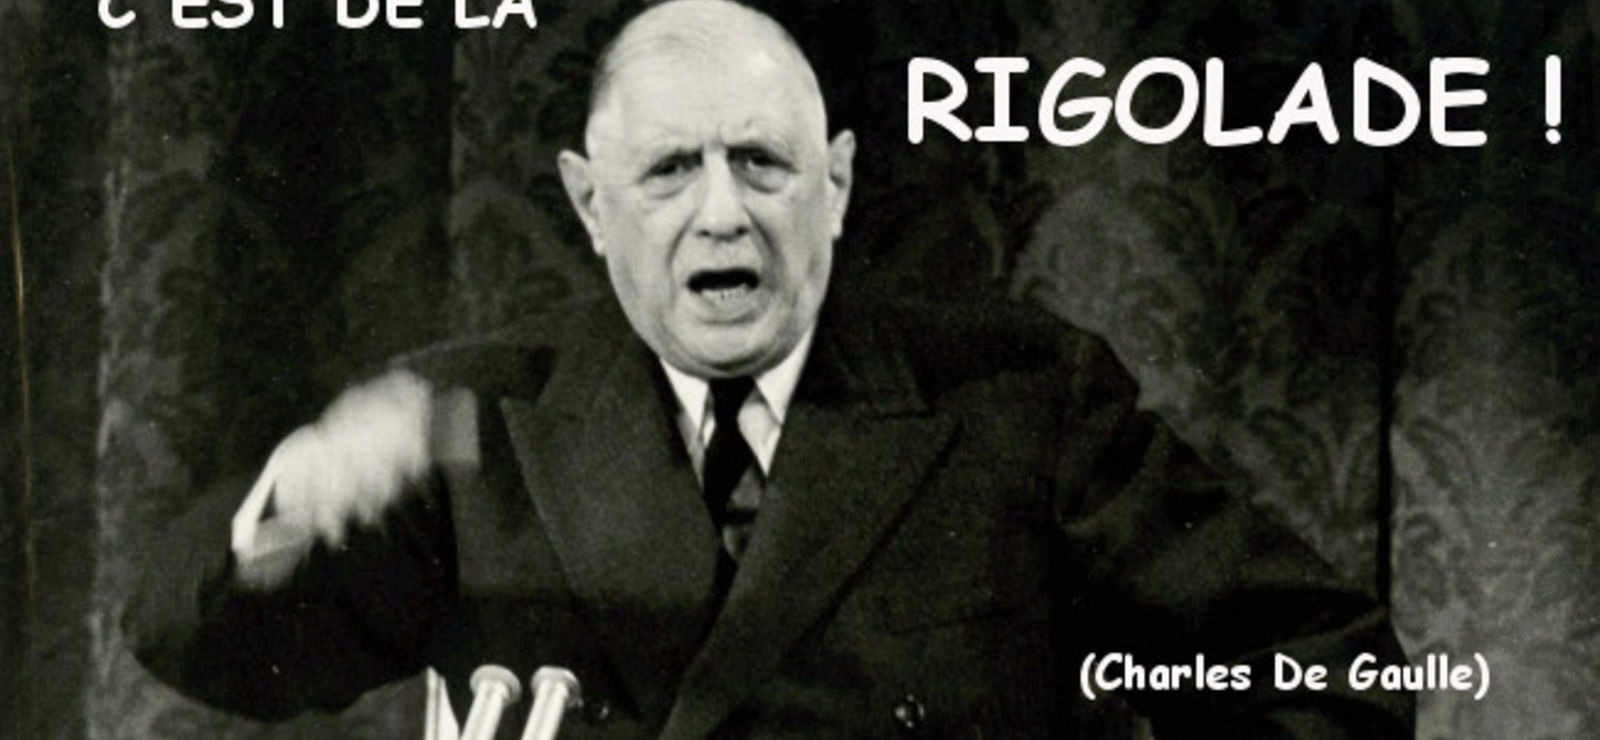 Appartenance irrévocable à la zone euro : « C'est de la rigolade ! » (De Gaulle)